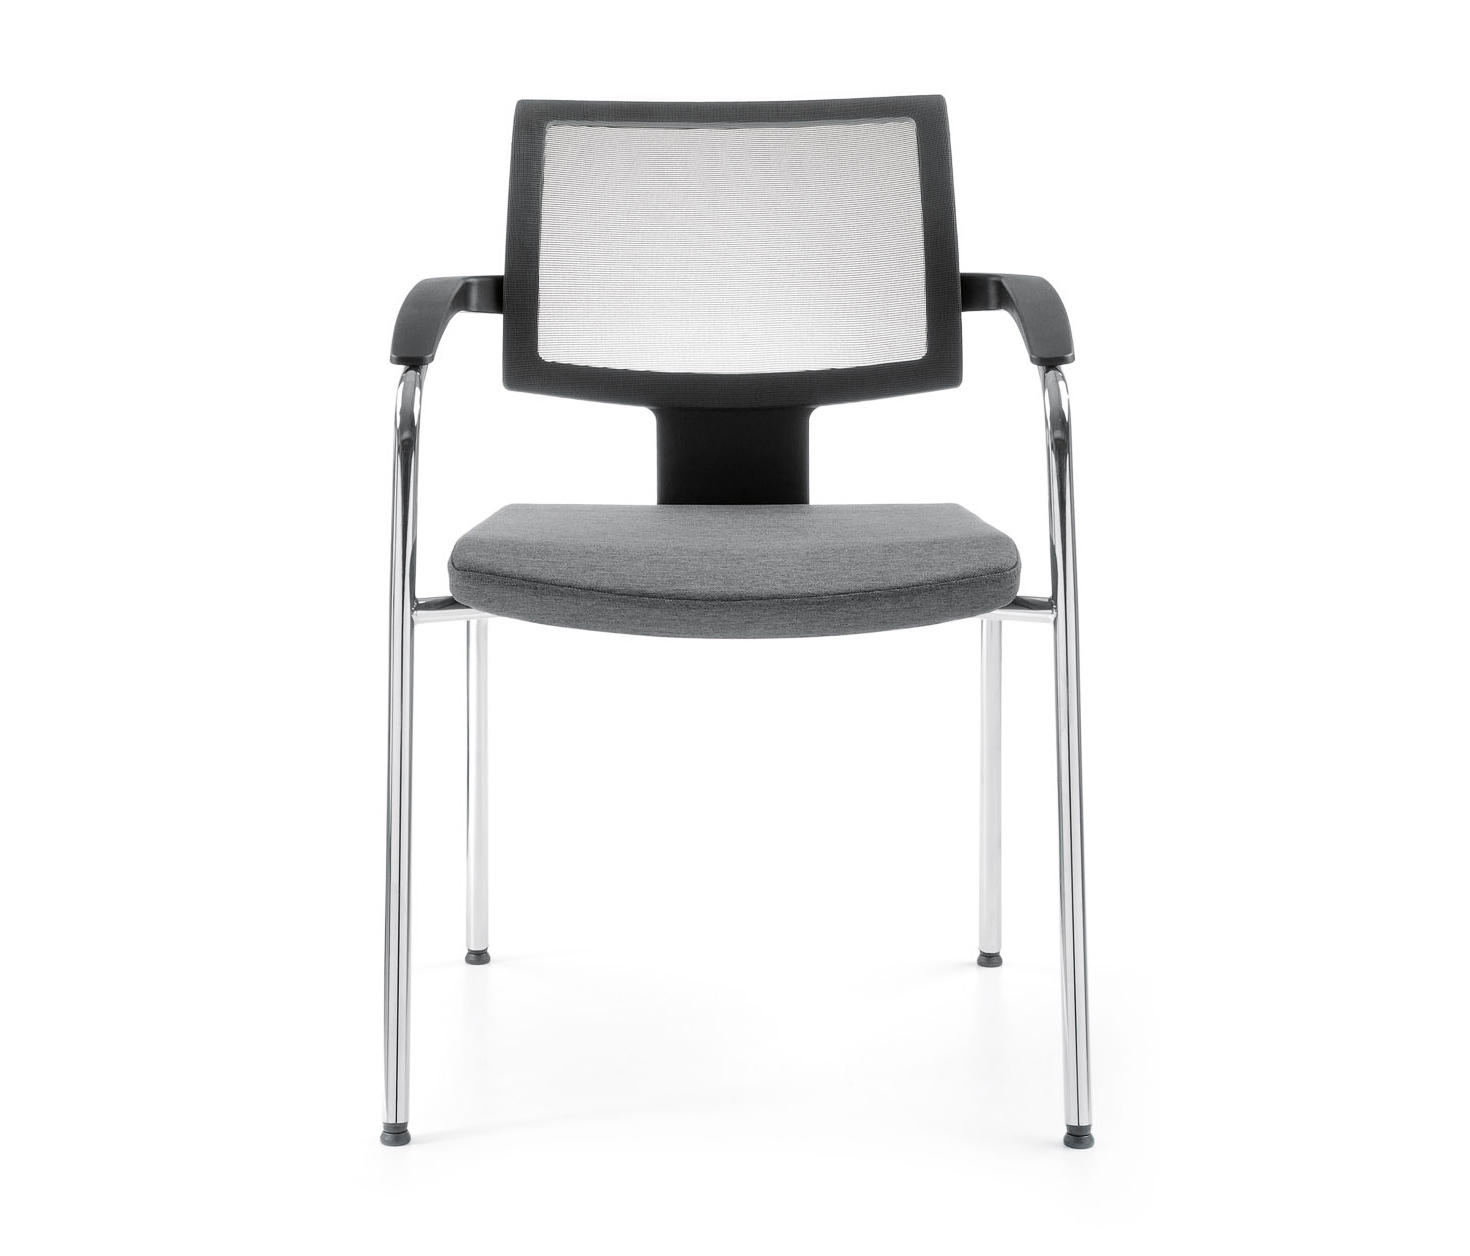 xenon net 20h besucherst hle von profim architonic. Black Bedroom Furniture Sets. Home Design Ideas